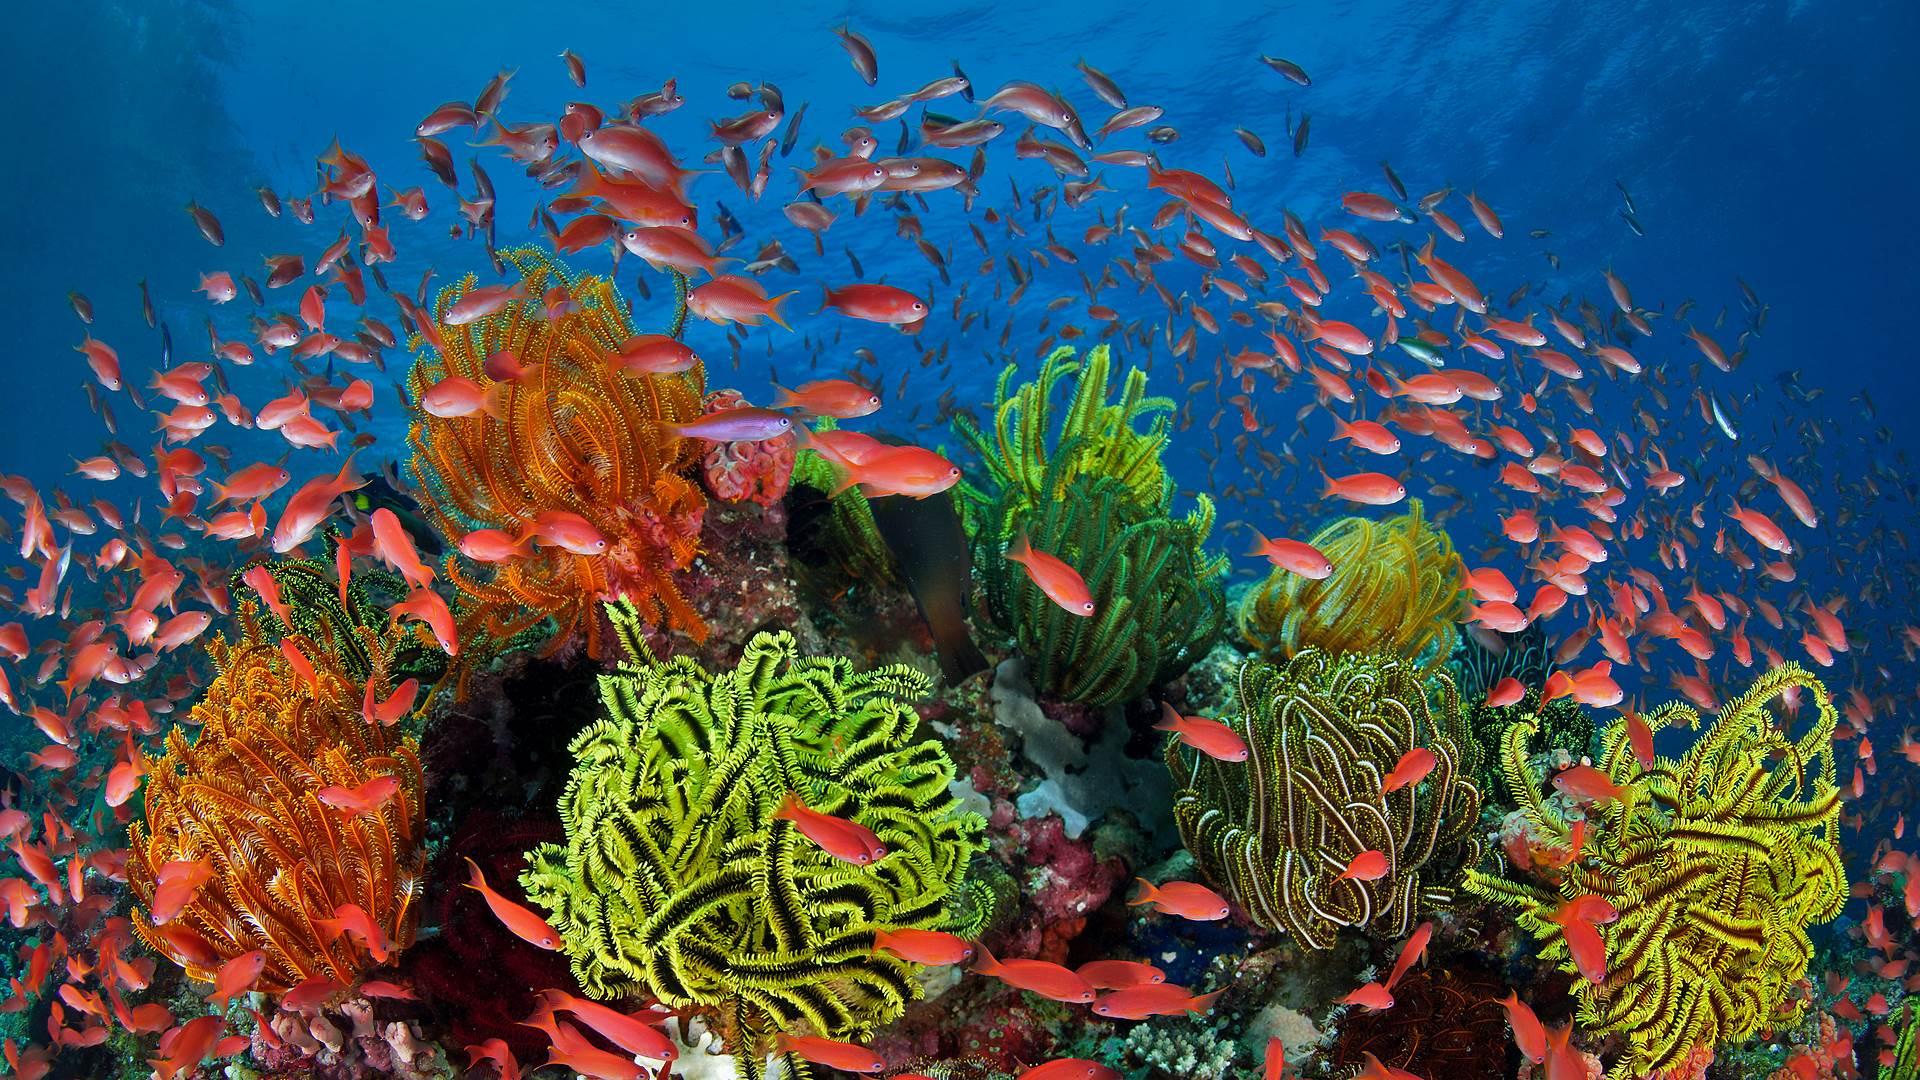 珊瑚礁周围的丝鳍拟花鮨鱼群,澳大利亚昆士兰大堡礁